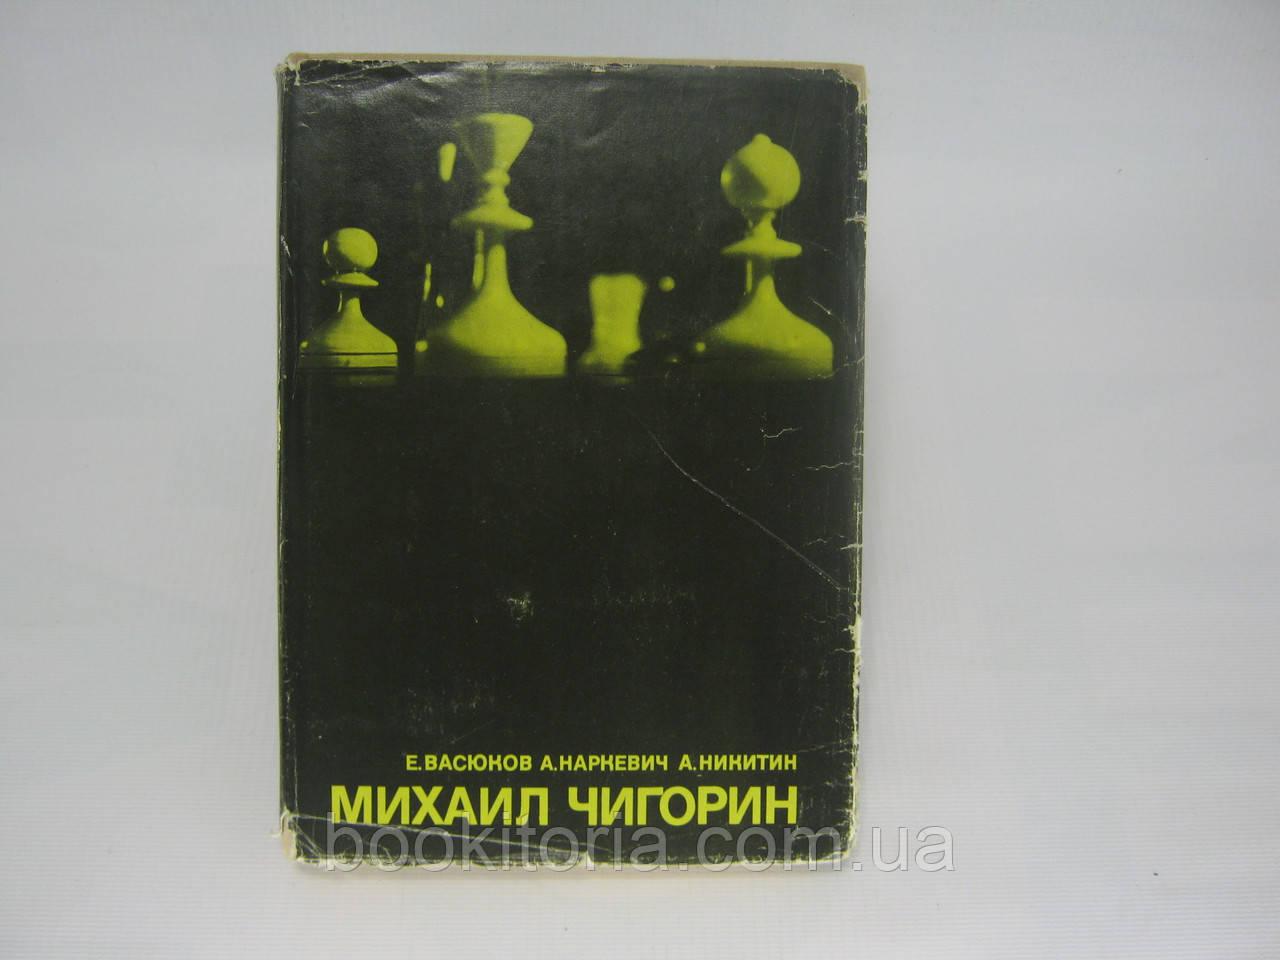 Васюков Е. и др. Михаил Чигорин (б/у).